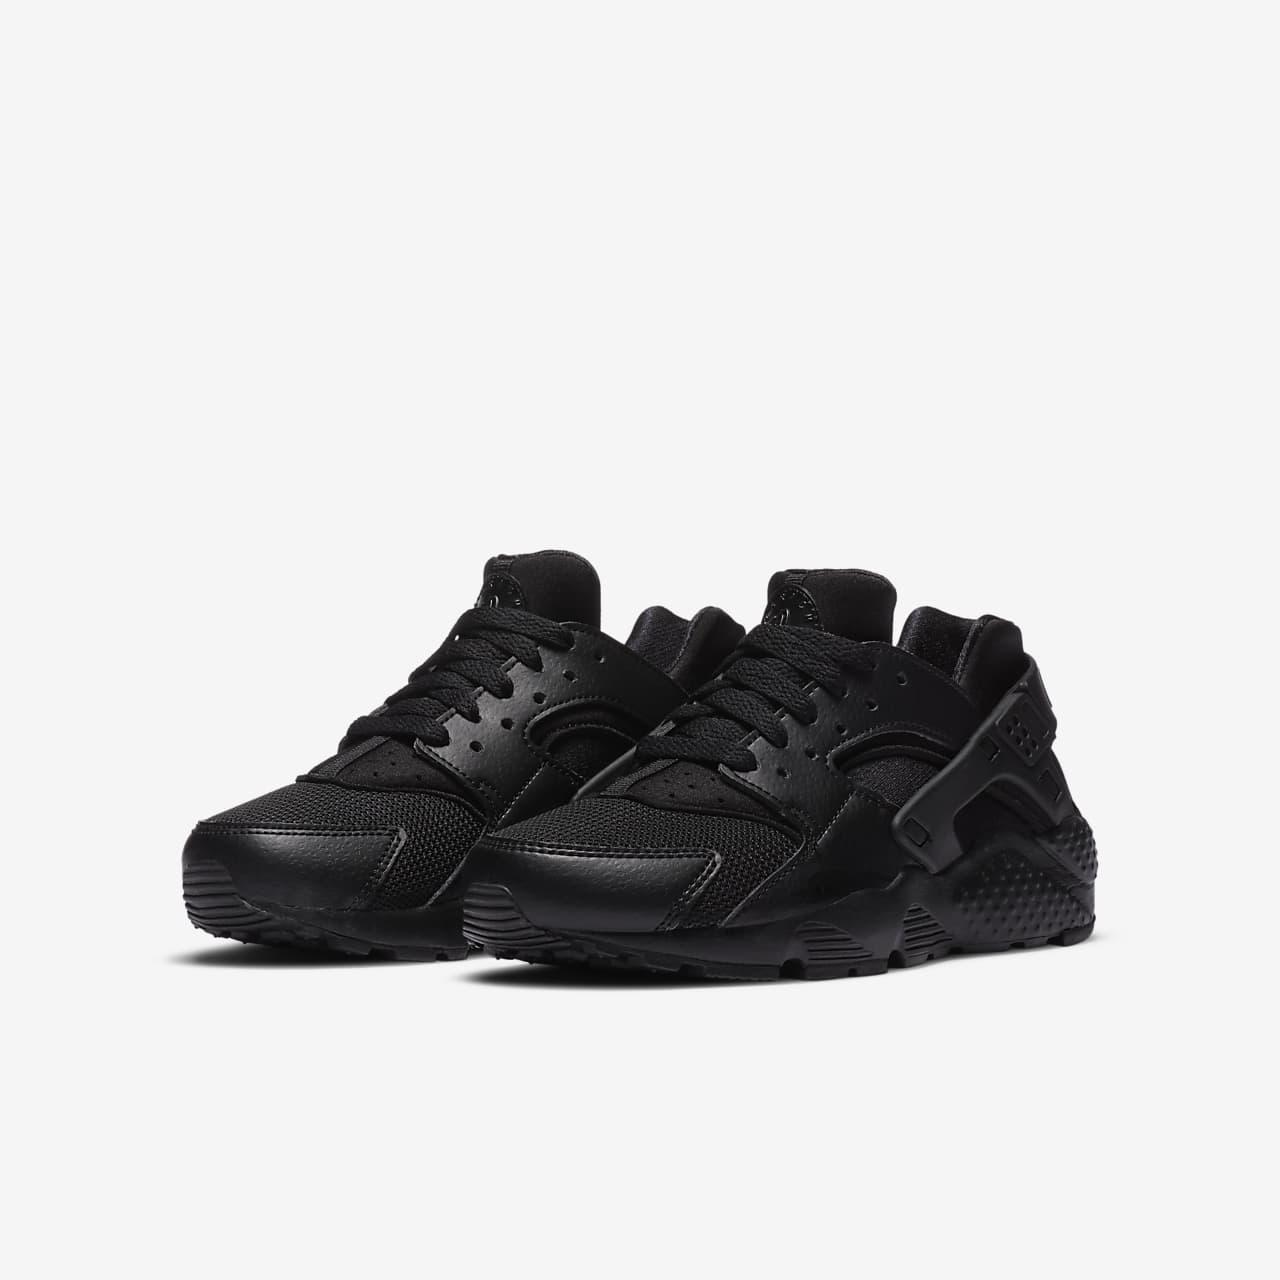 finest selection da5e3 85a22 Nike Huarache Big Kids' Shoe